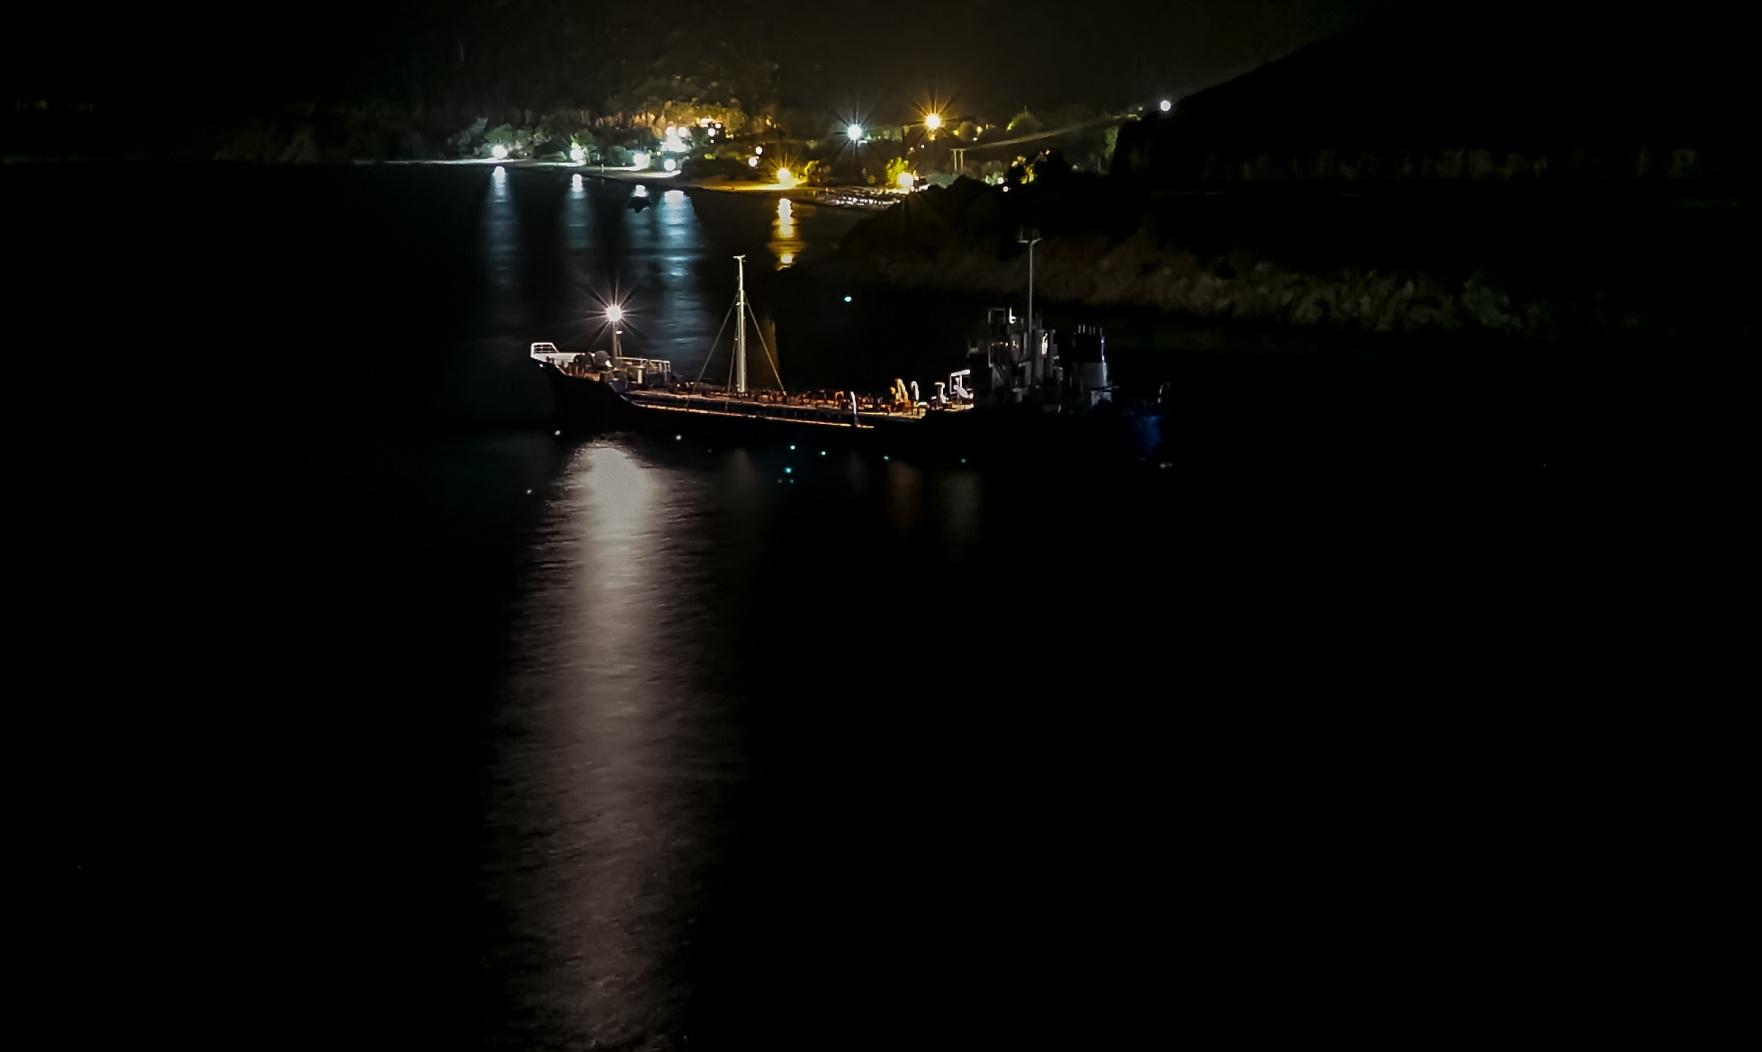 Νιγηρία: Διαπραγματεύσεις με τους πειρατές για να απελευθερωθούν οι 5 Έλληνες ναυτικοί